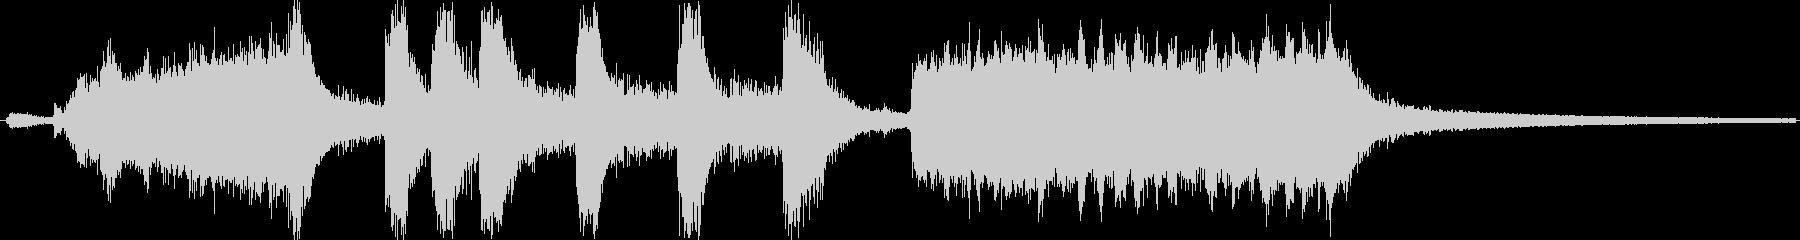 交響曲のラスト風、派手なジングルの未再生の波形